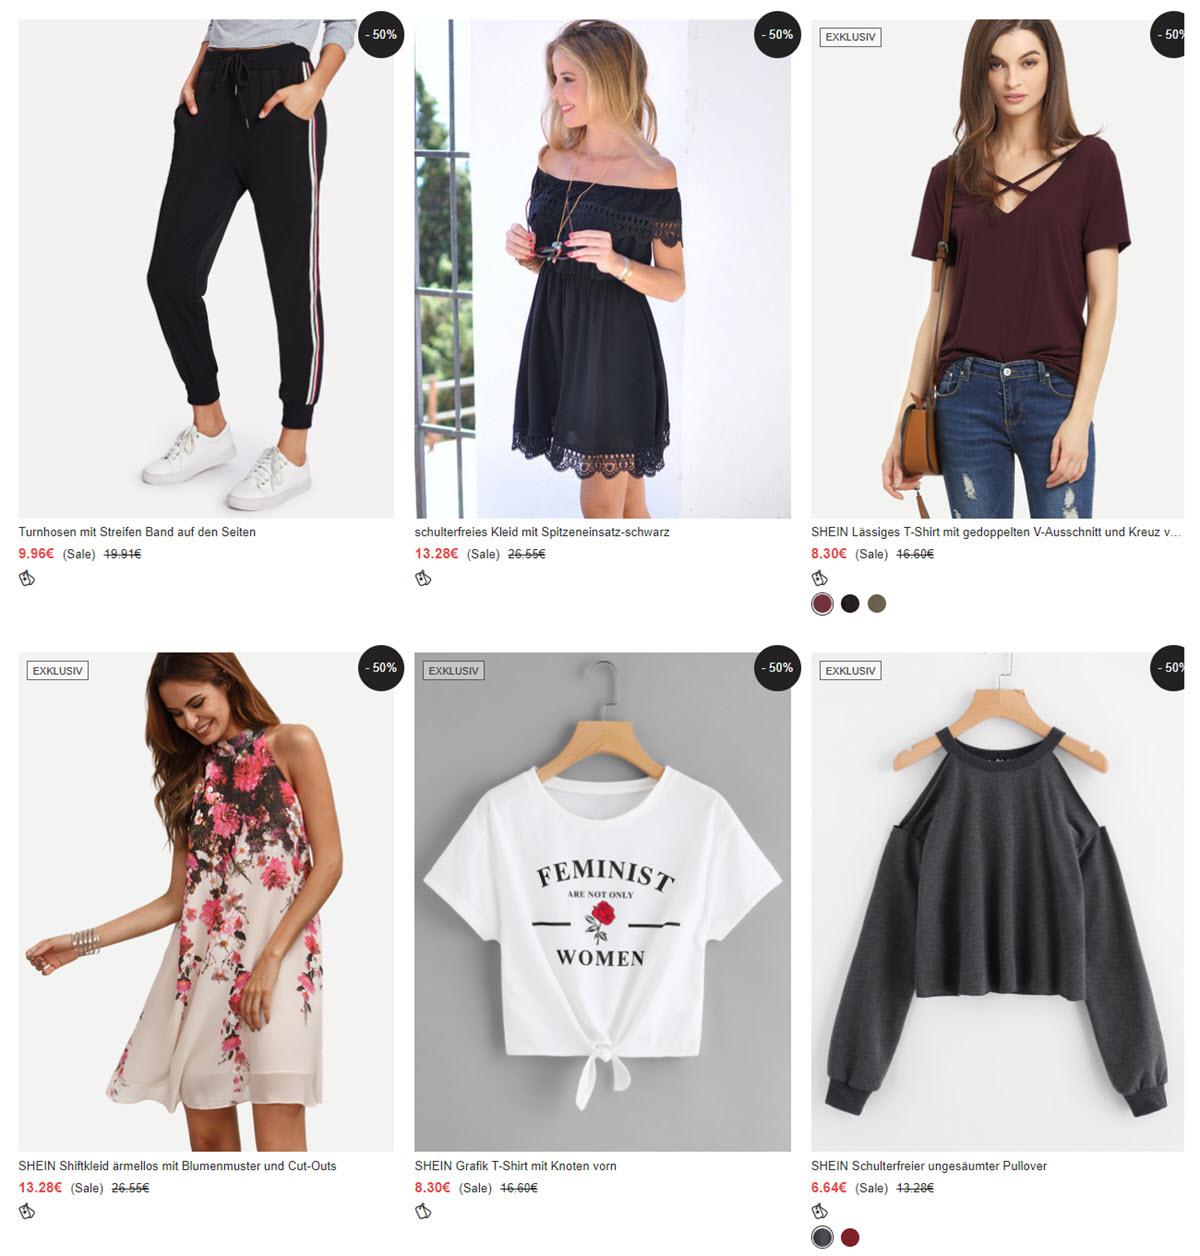 Модная одежда скидка 50% из магазина Shein (Германия)